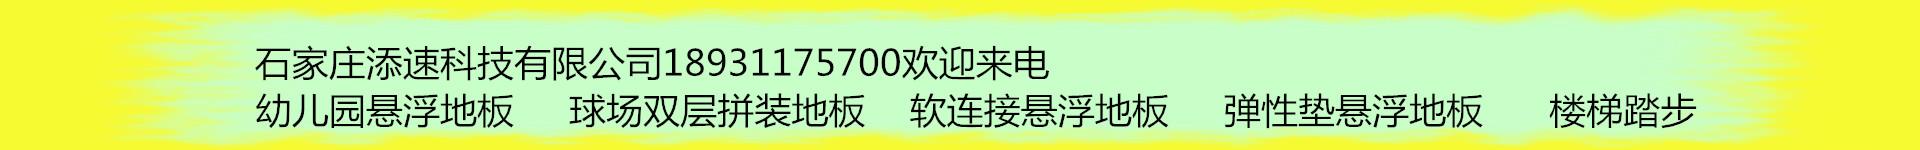 石家庄添速科技有限公司